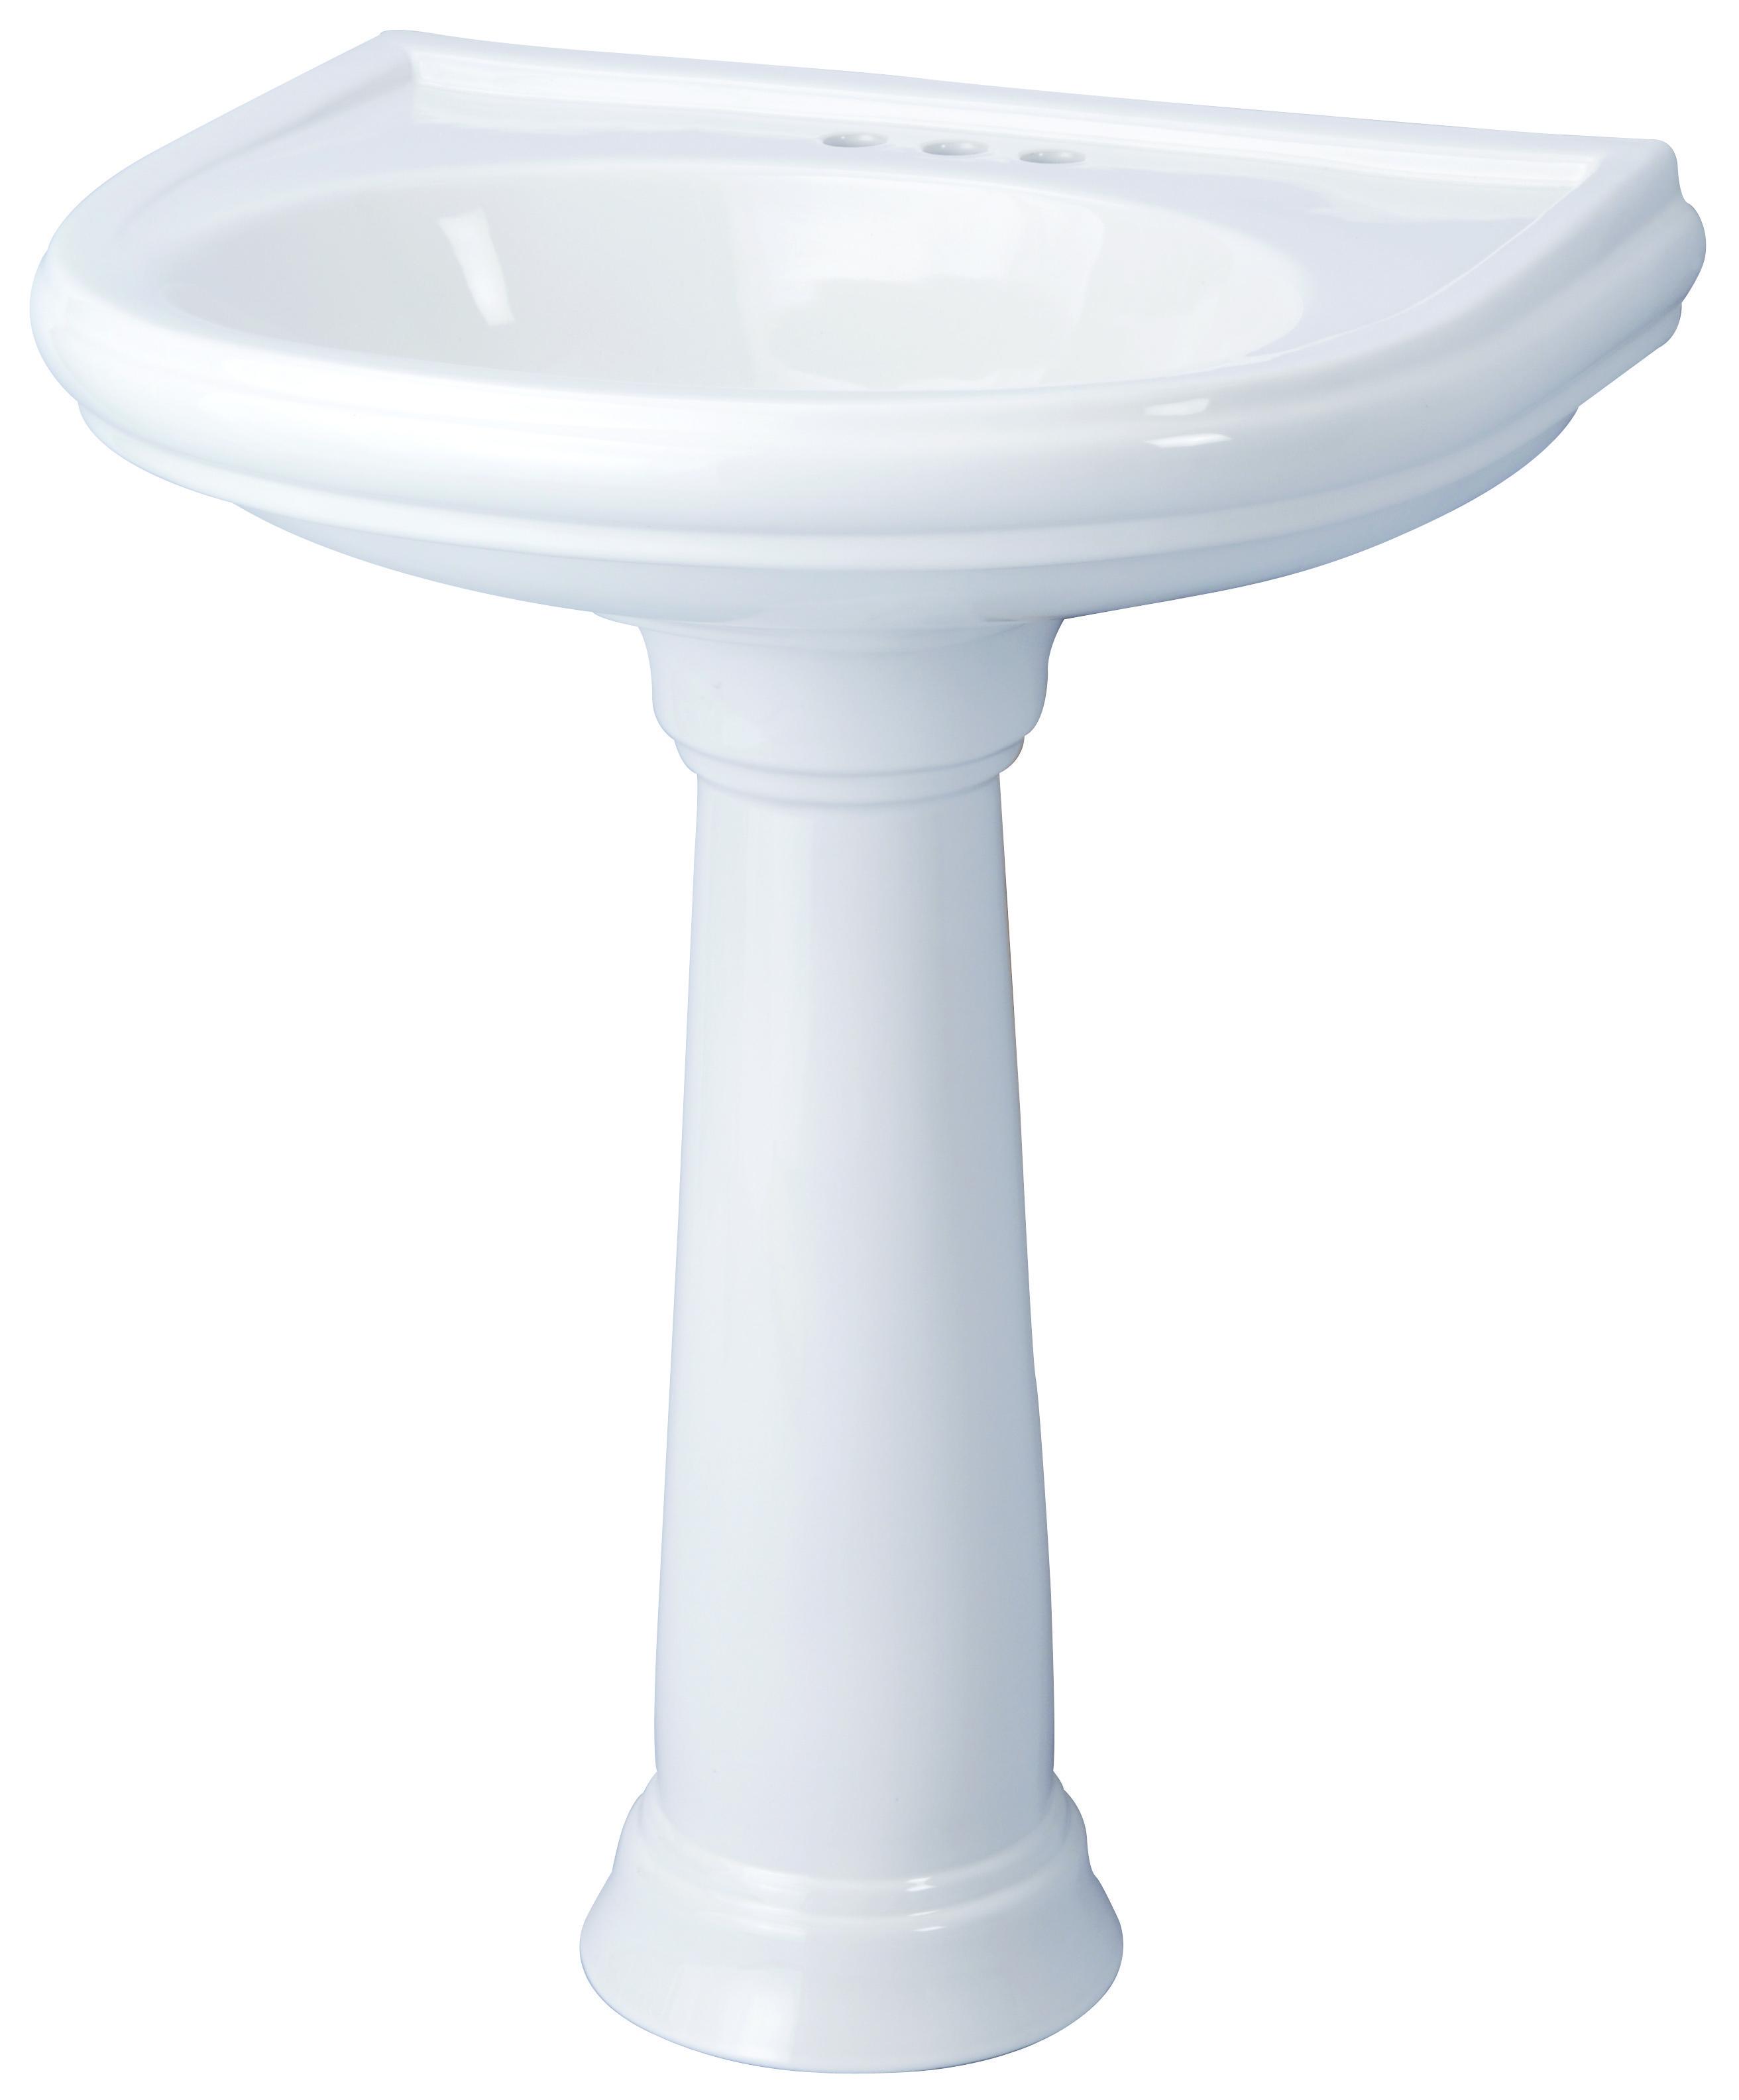 undercounter kitchen sink wooden cabinets discontinued brianne™4